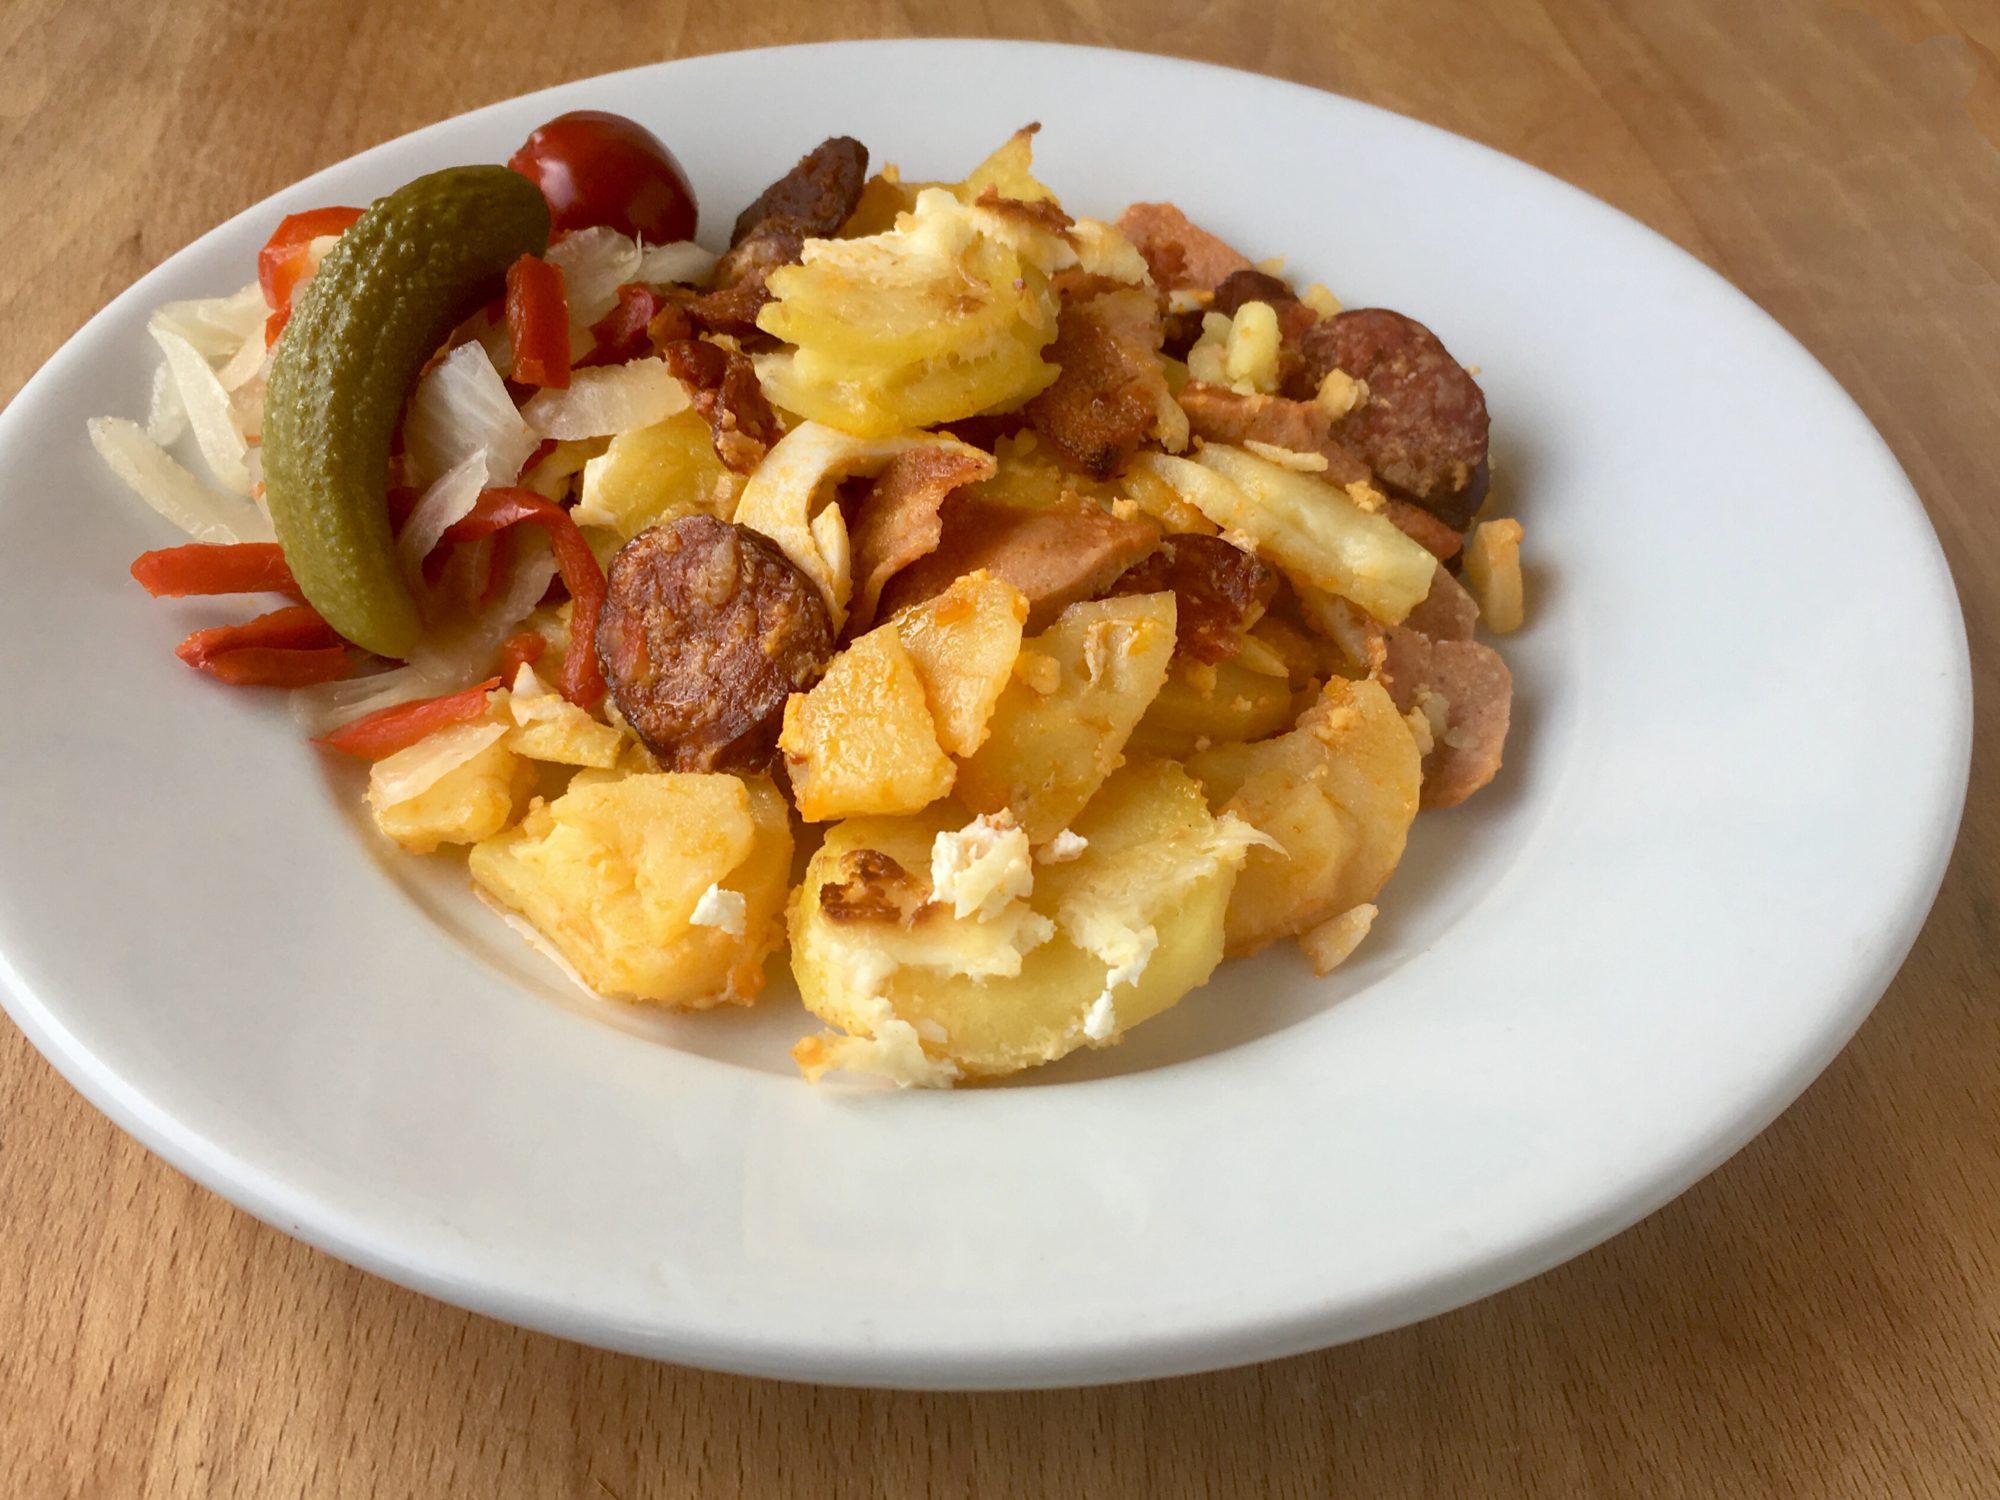 Francúzske zemiaky s klobásou a vajíčkami